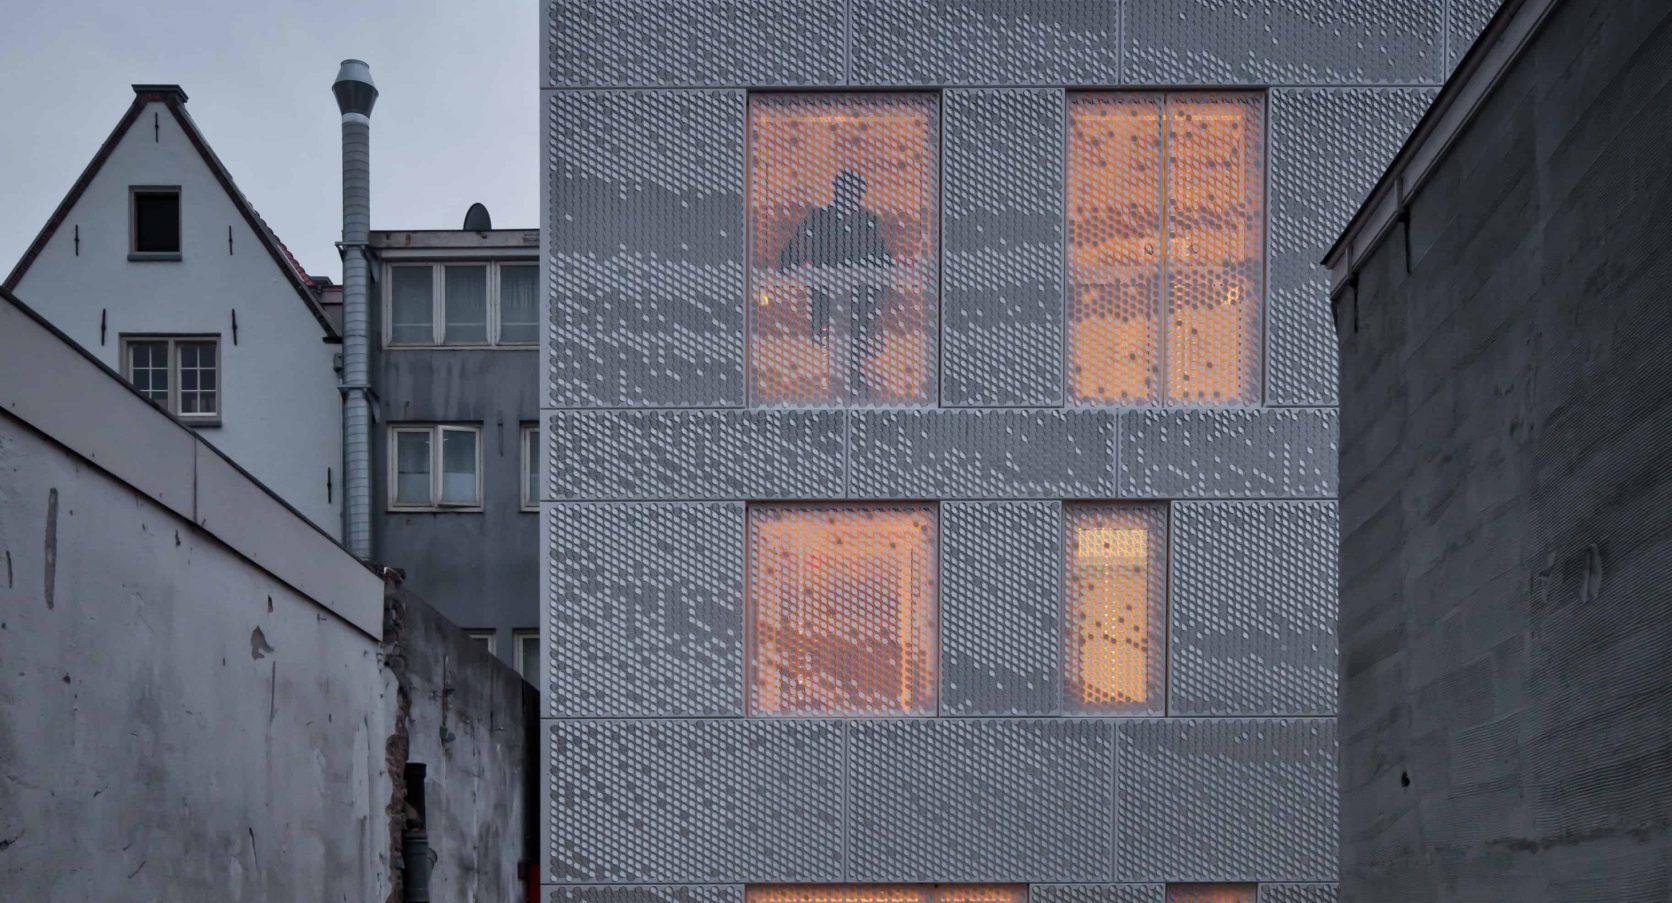 MD Formatura gevel van de atelierwoning Tussen de Lakens in Amsterdam